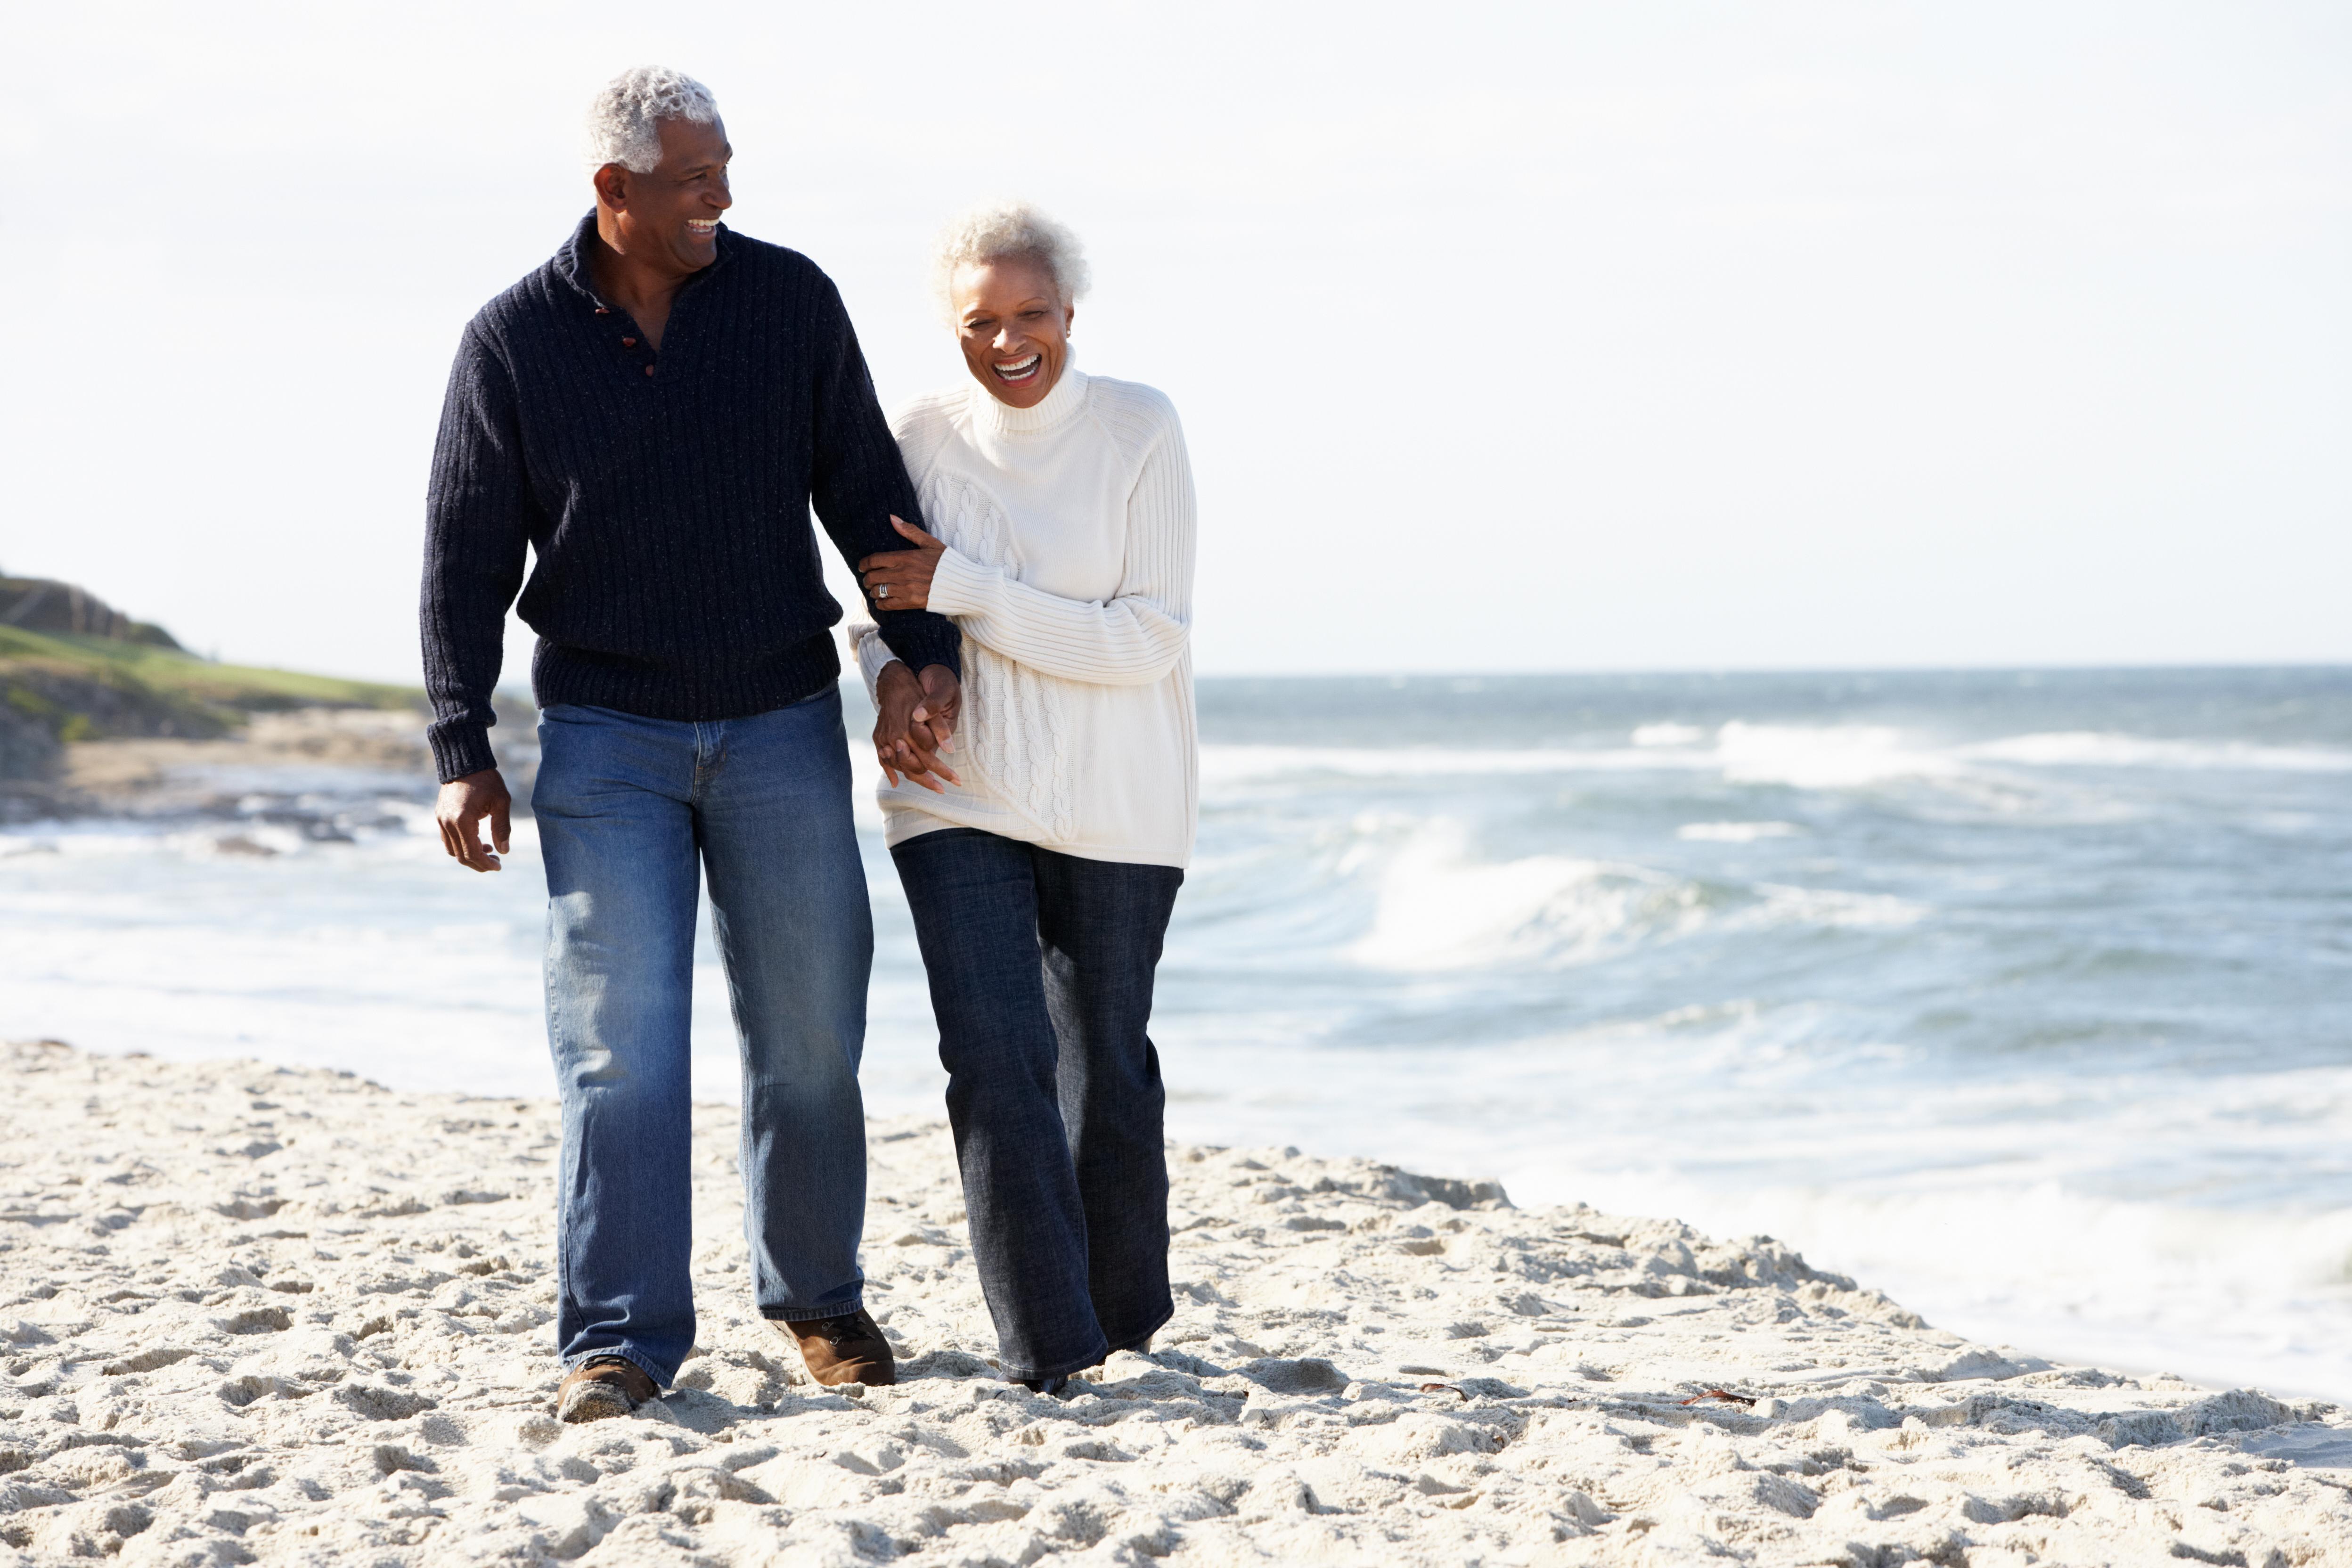 A senior couple walks on the beach, holding hands.